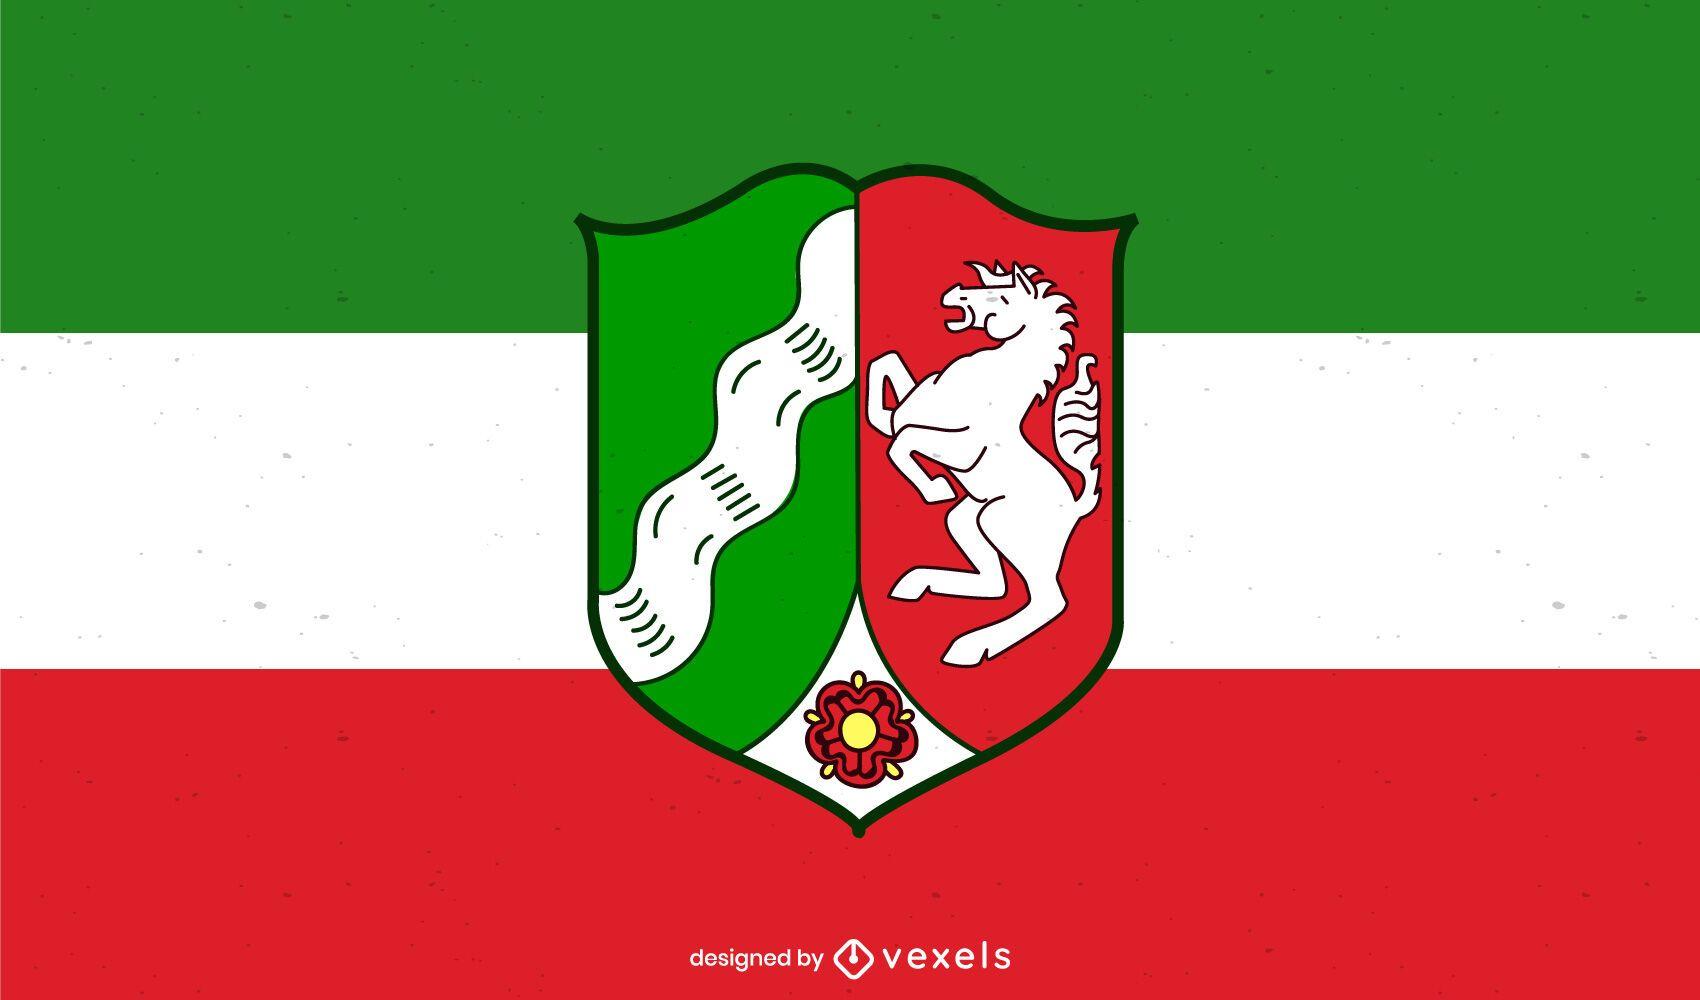 Diseño de la bandera del estado de Nordrhein-Westfalen